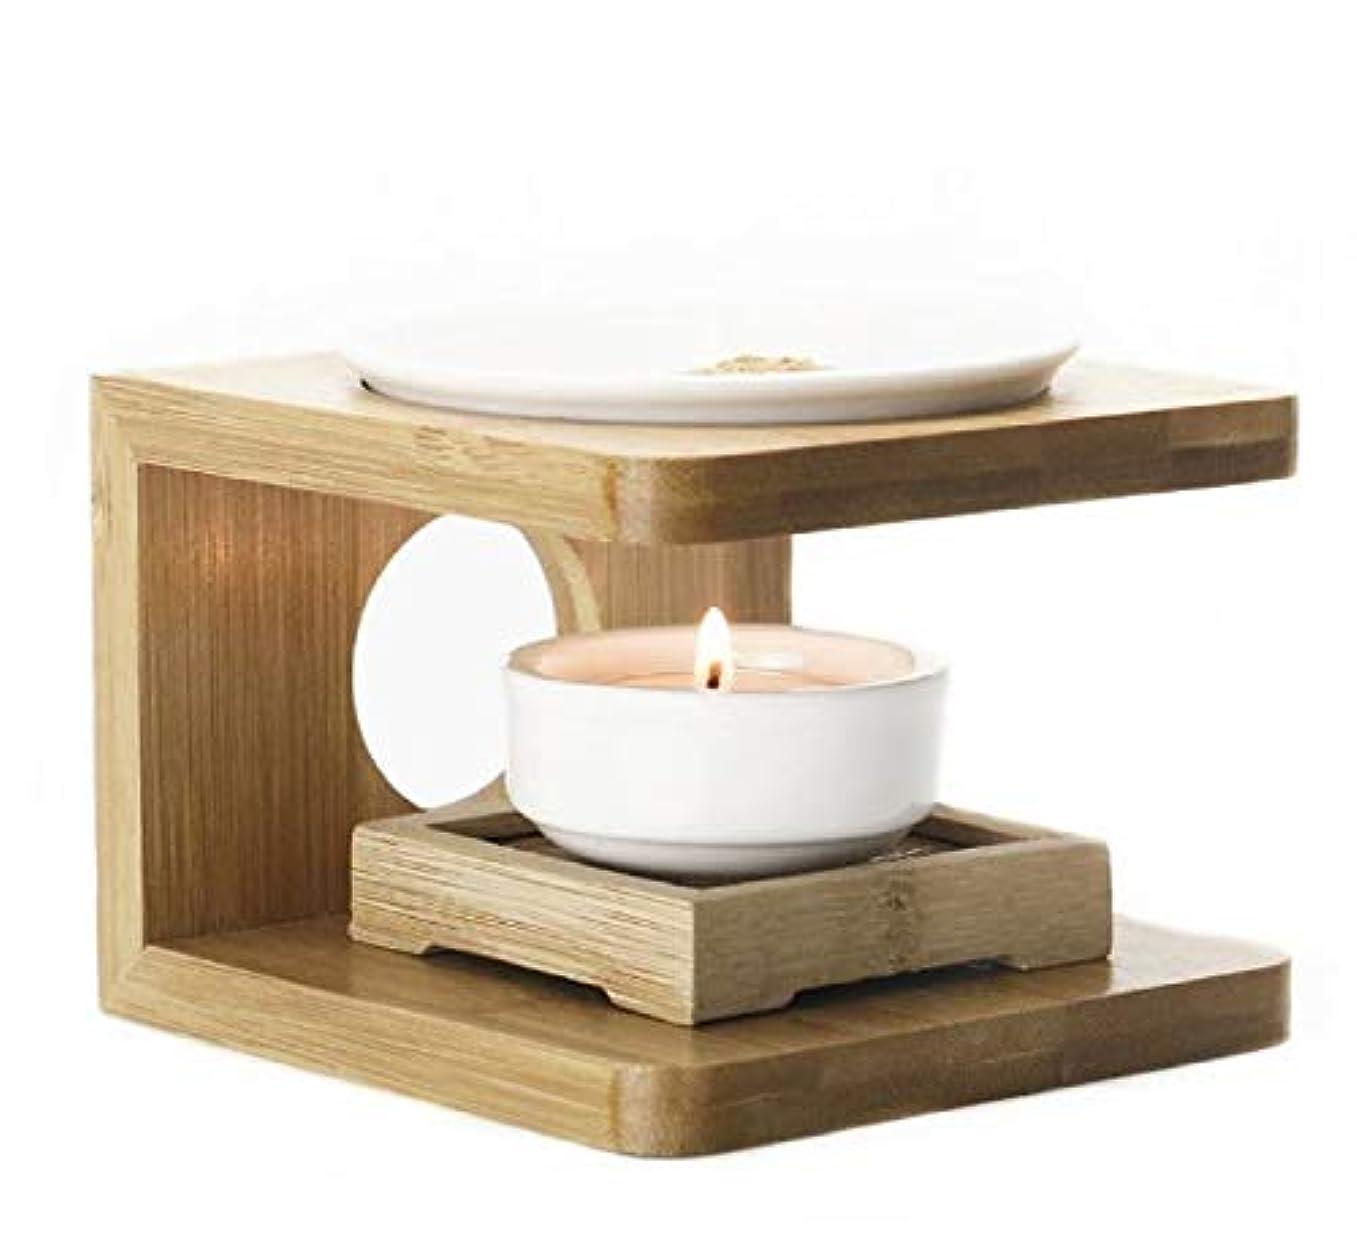 熟考する契約した鍔茶香炉 陶器茶香炉 茶こうろ 茶 インテリア お祝い最適なプレゼント 茶香炉 陶器茶香炉 アロマ炉 茶こうろ お茶 MGC JAPAN TRADE